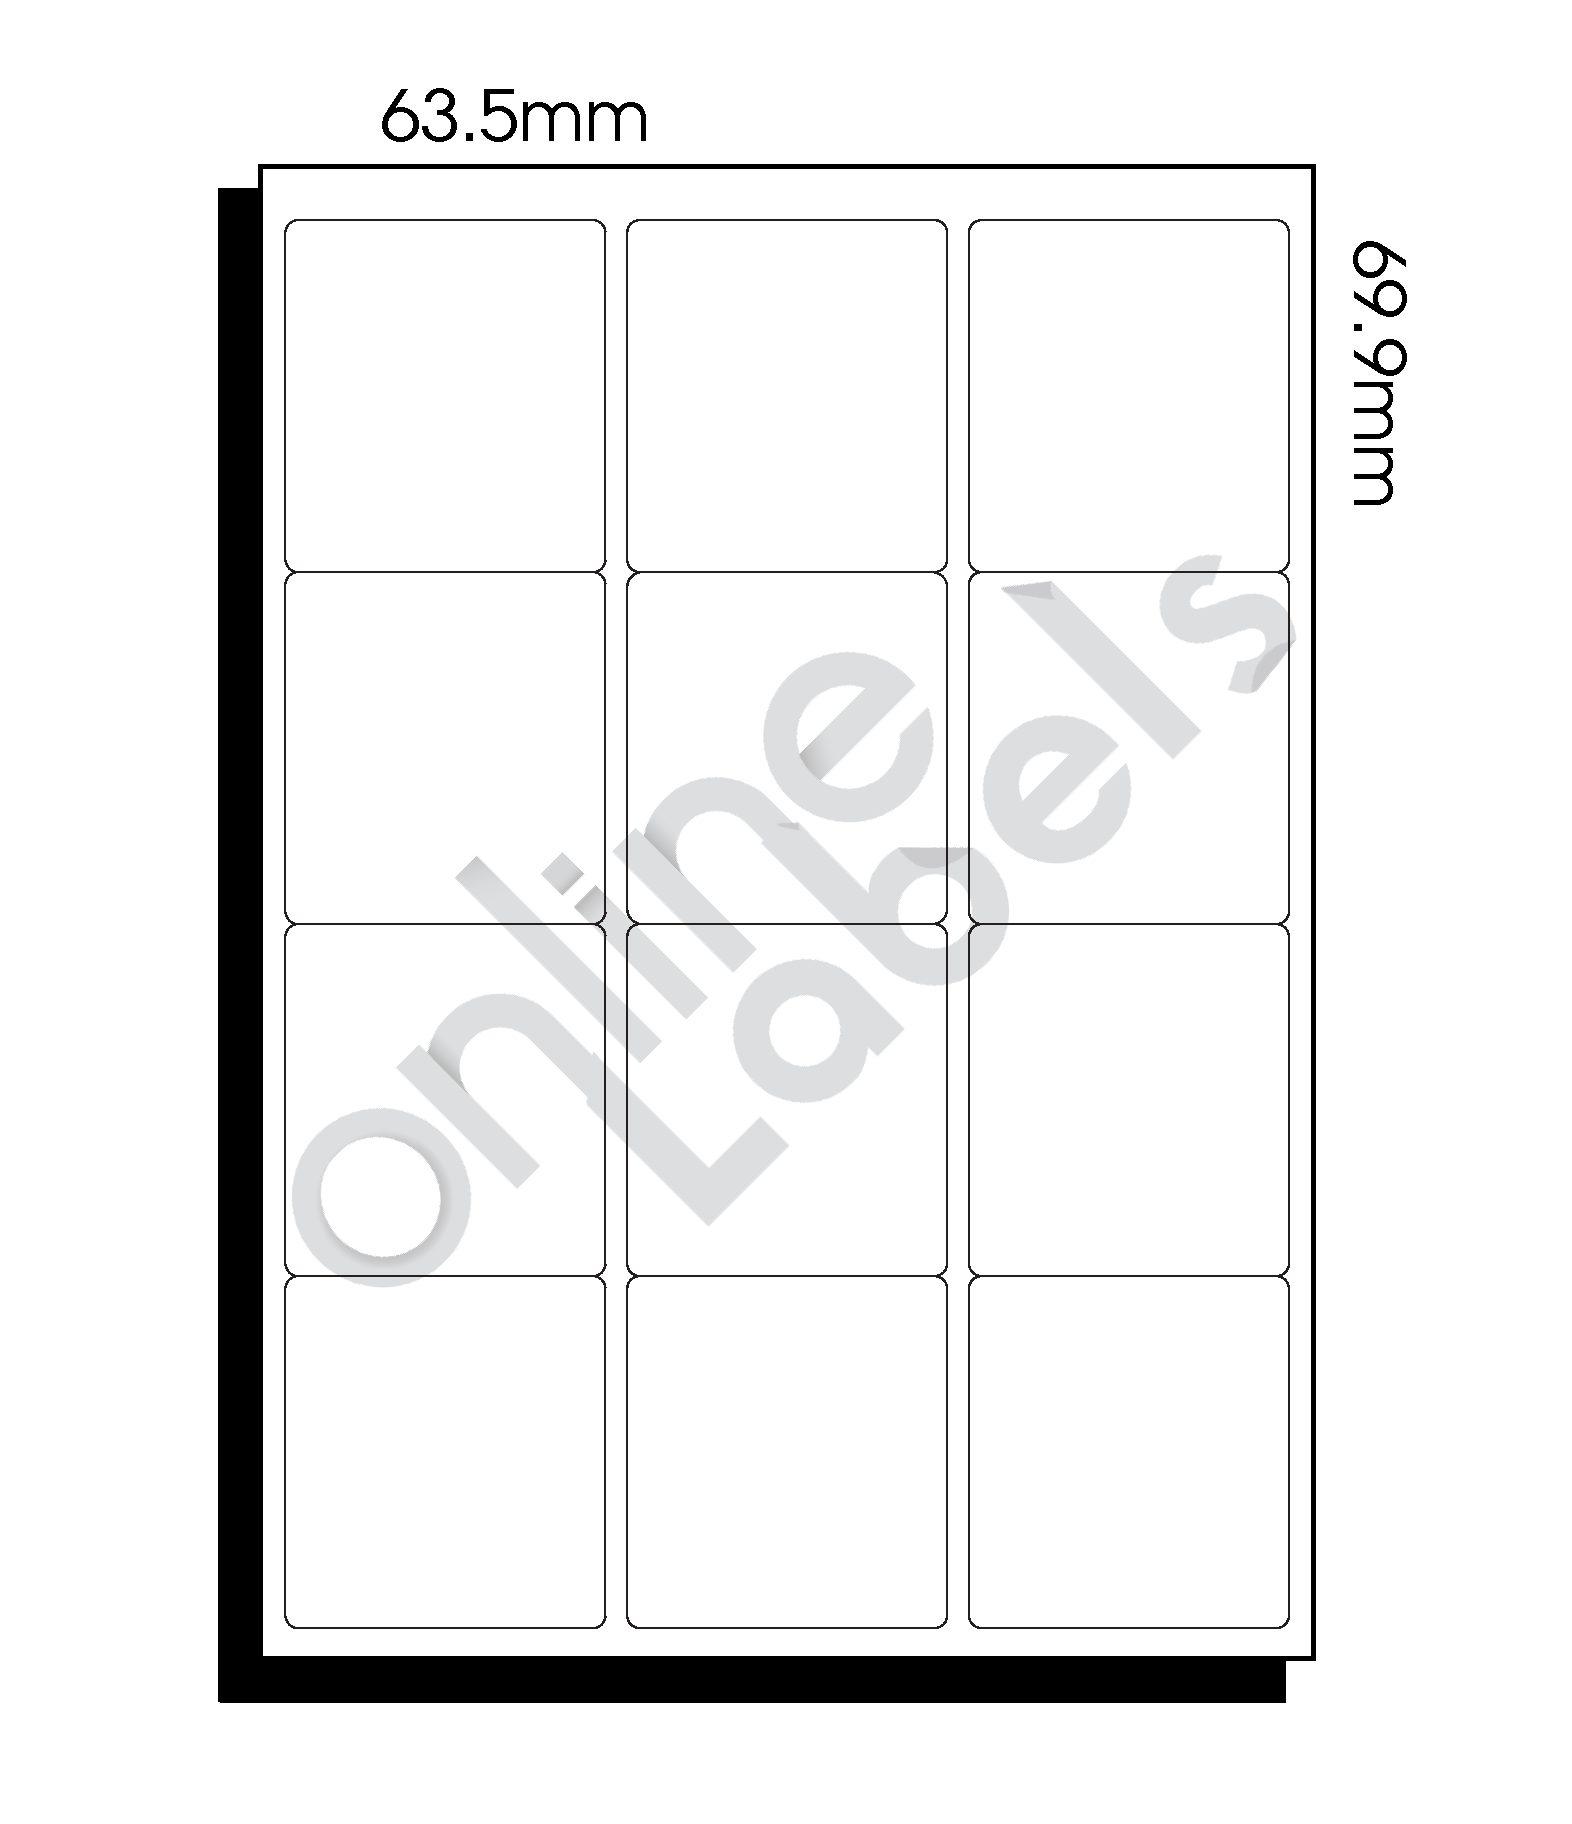 63.5mm x 69.9mm Floppy Disk Labels – 12 Labels per Sheet